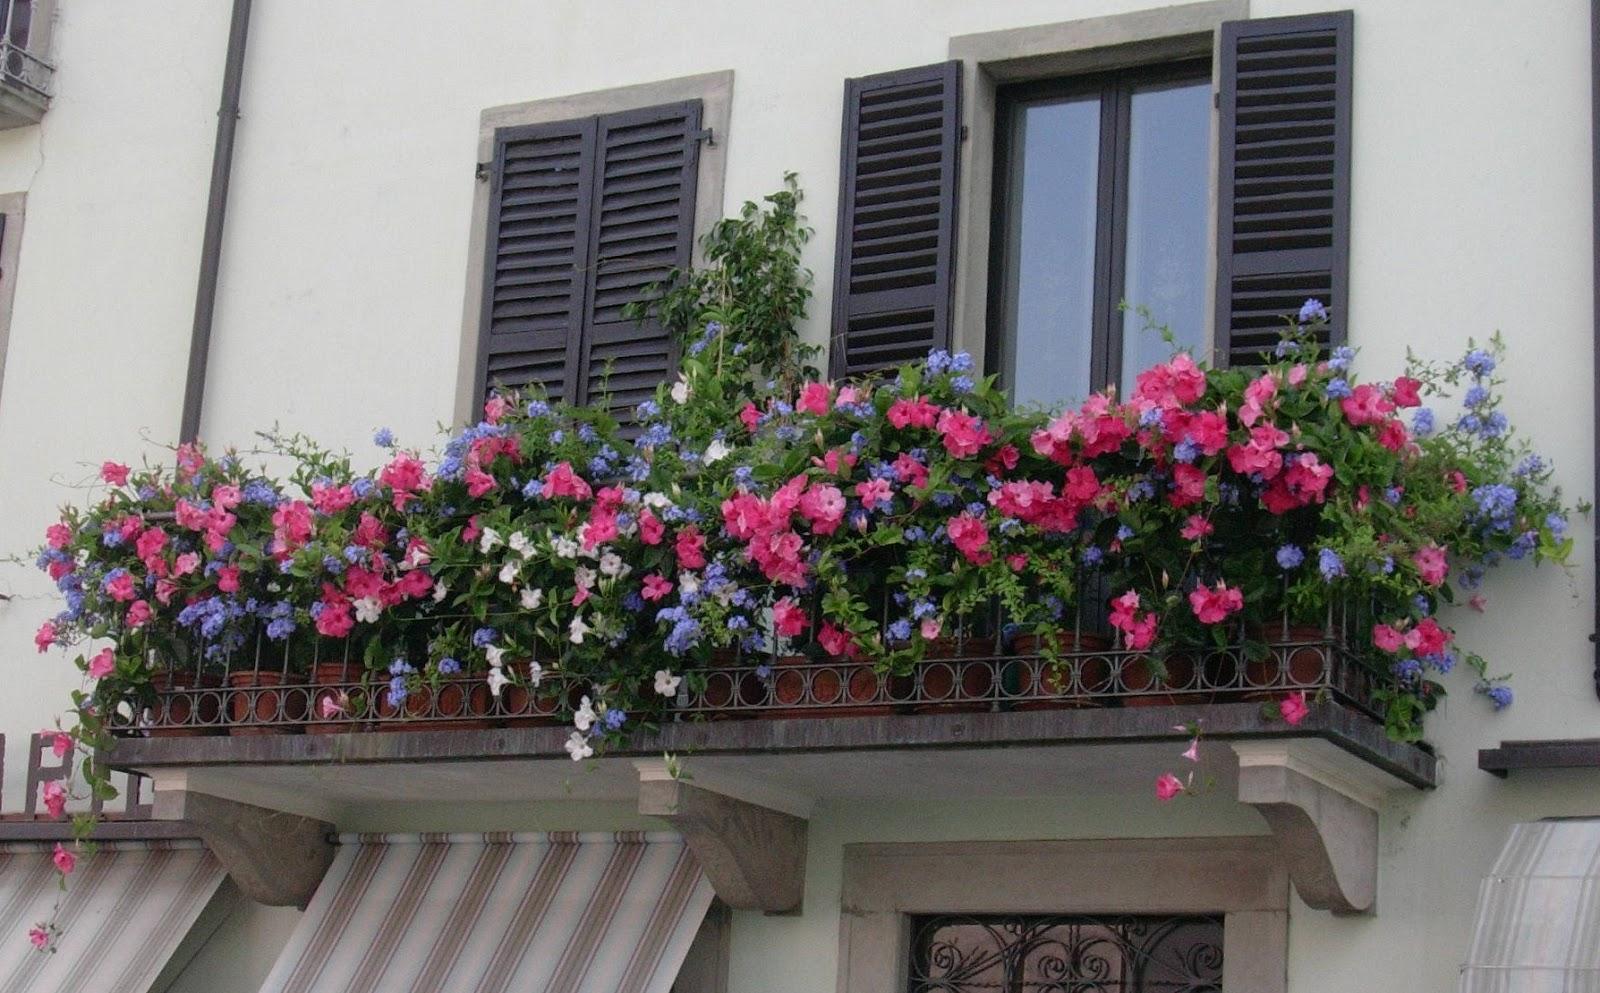 Un piccolo giardino in città: Balconi fioriti